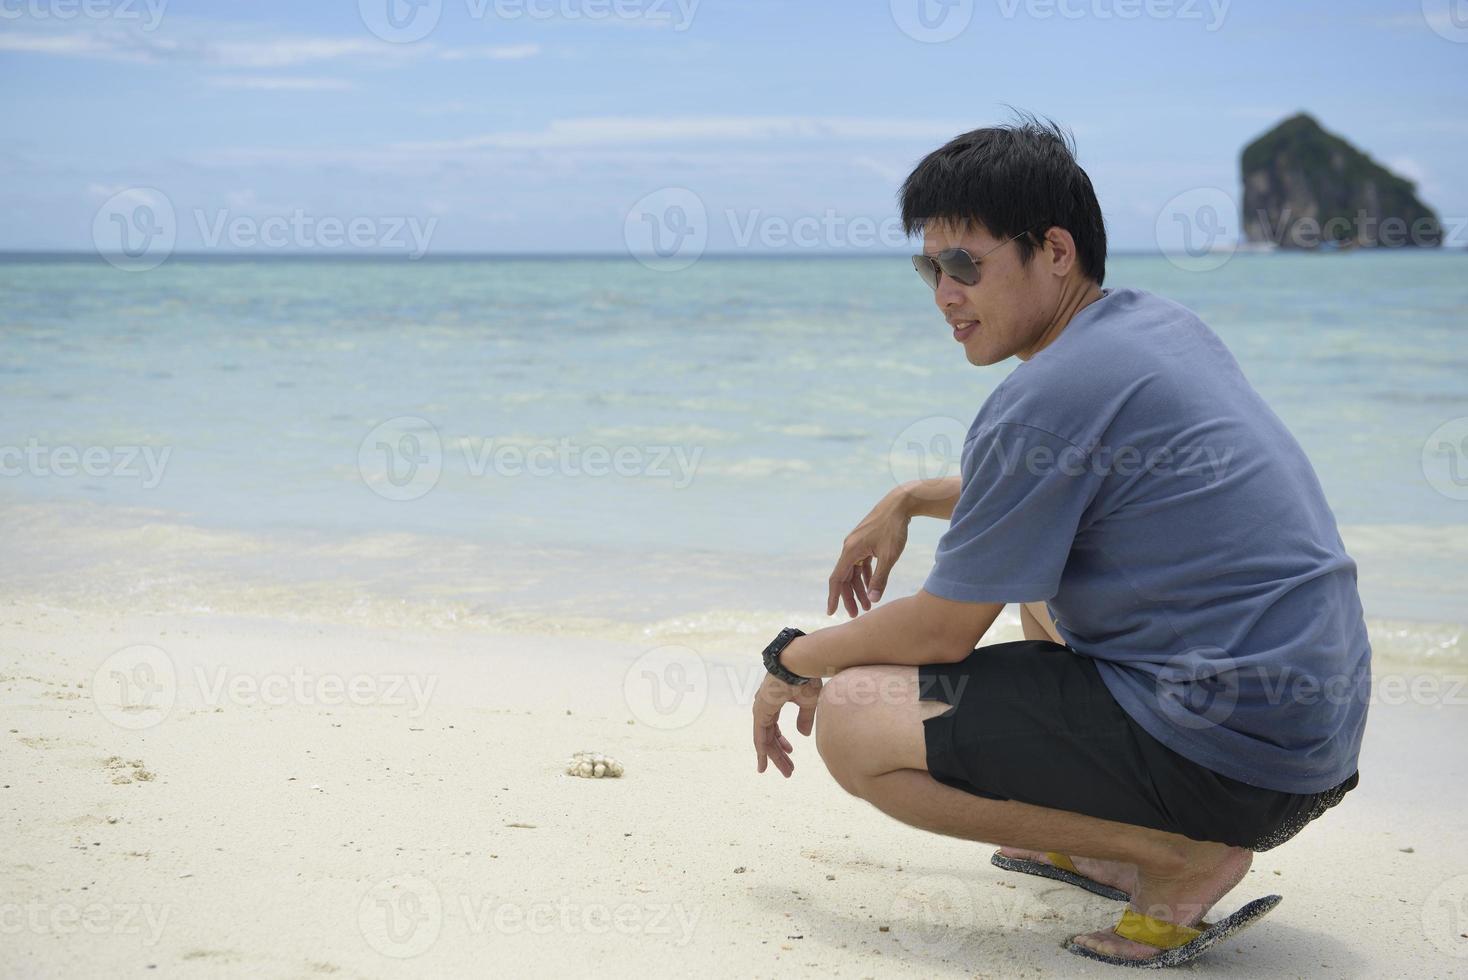 ung man njuter av tillflyktsort promenader längs stranden foto